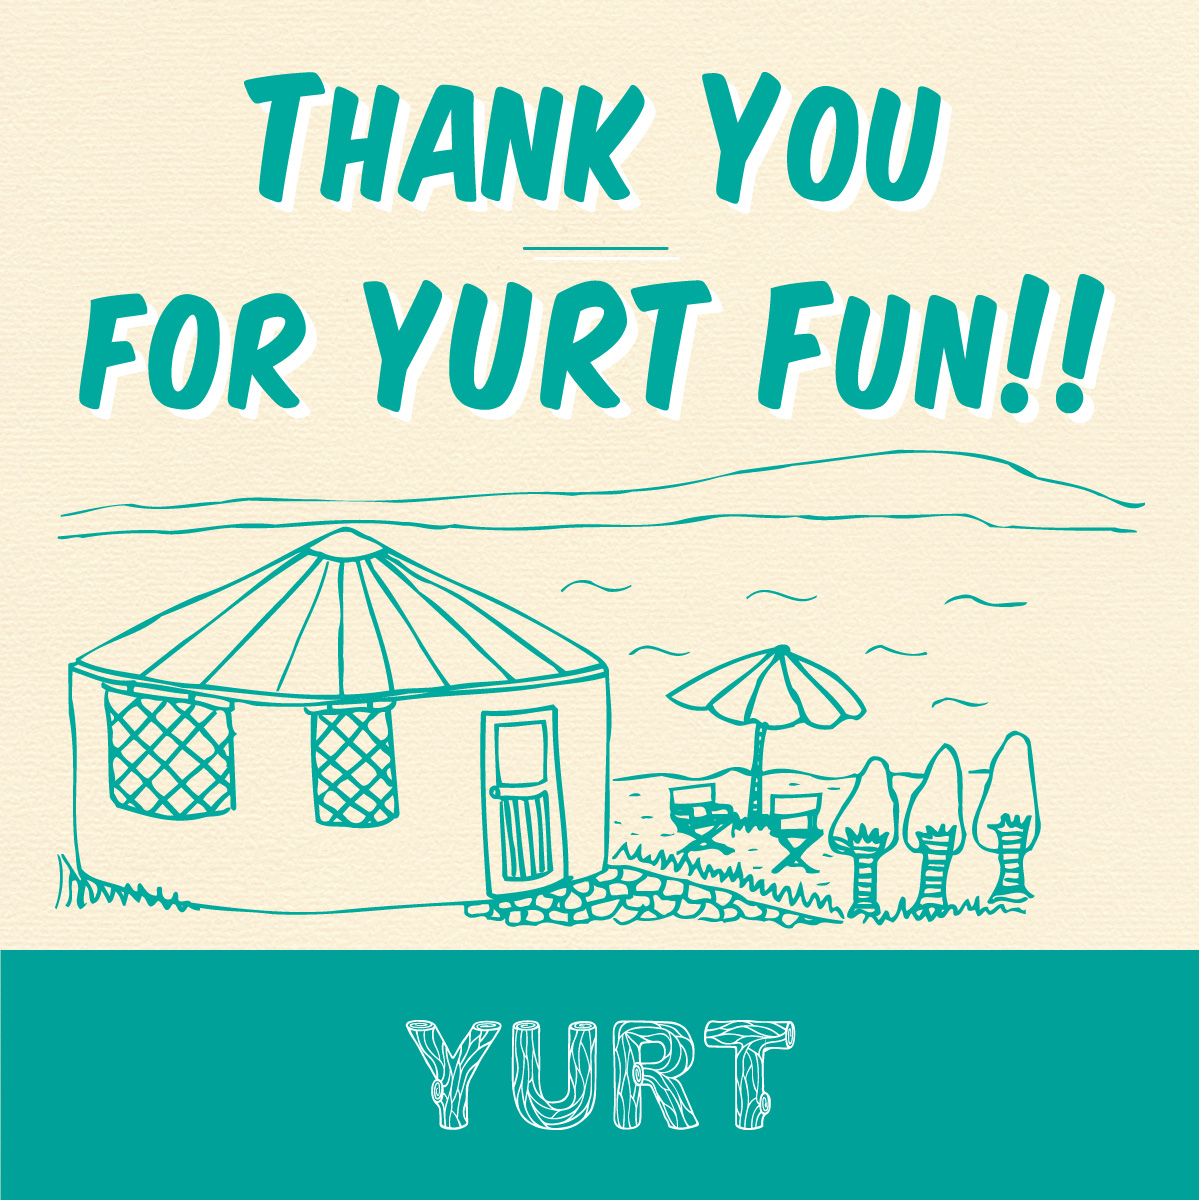 Thank you for YURT FUN ! 10年間の『ありがとう』をお届けします!<br><br>神戸・旧居留地のカフェ「YURT神戸店」は、10月26日をもって閉店します。